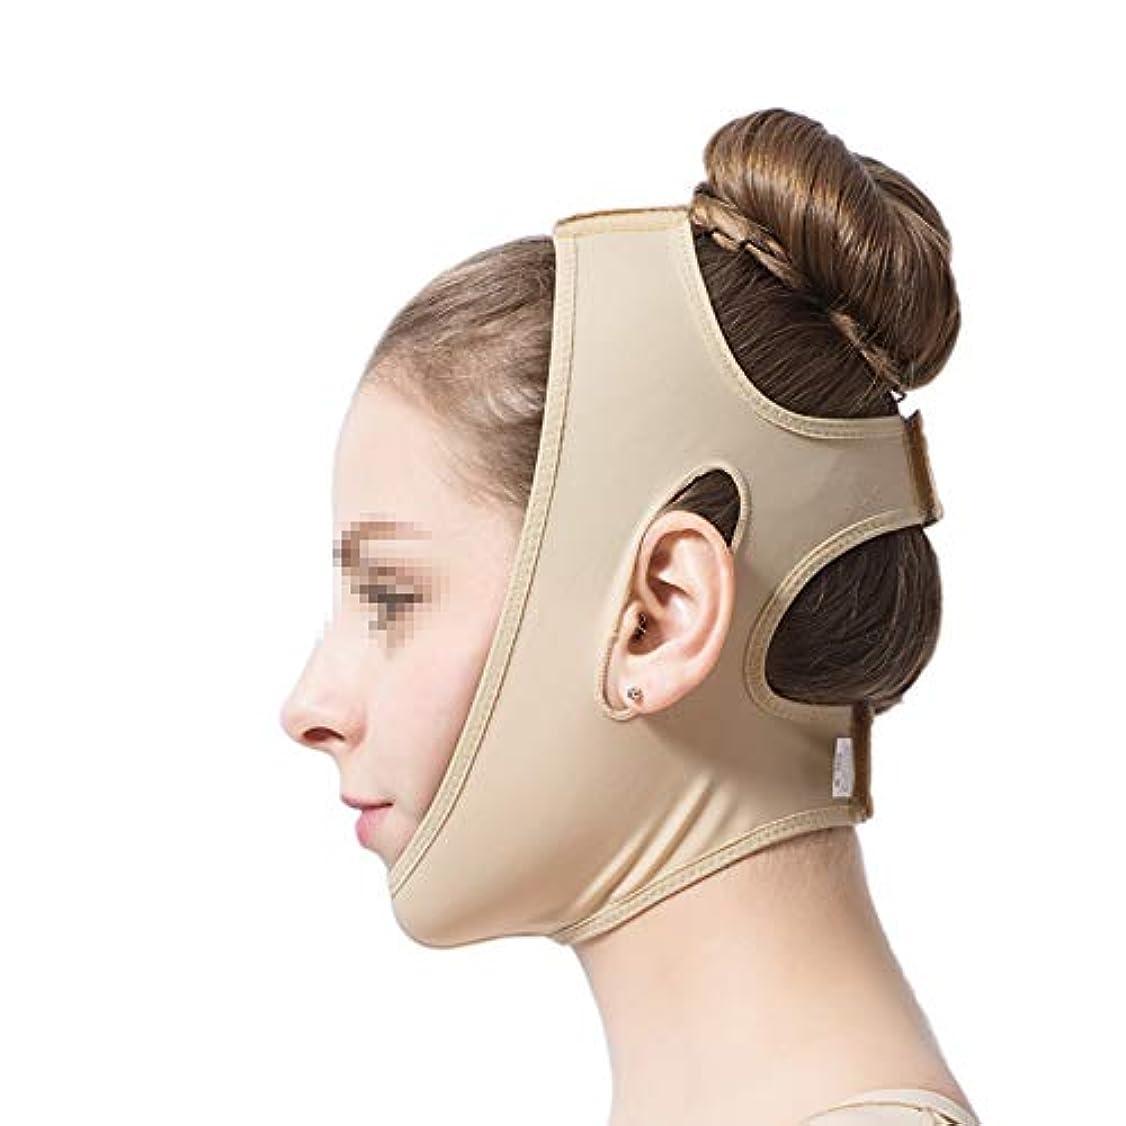 旋律的簡潔なチートフェイスリフトマスク、下顎袖医療グレード脂肪吸引術整形弾性ヘッドギアダブルあご顔ライン彫刻圧力包帯 (Size : S)